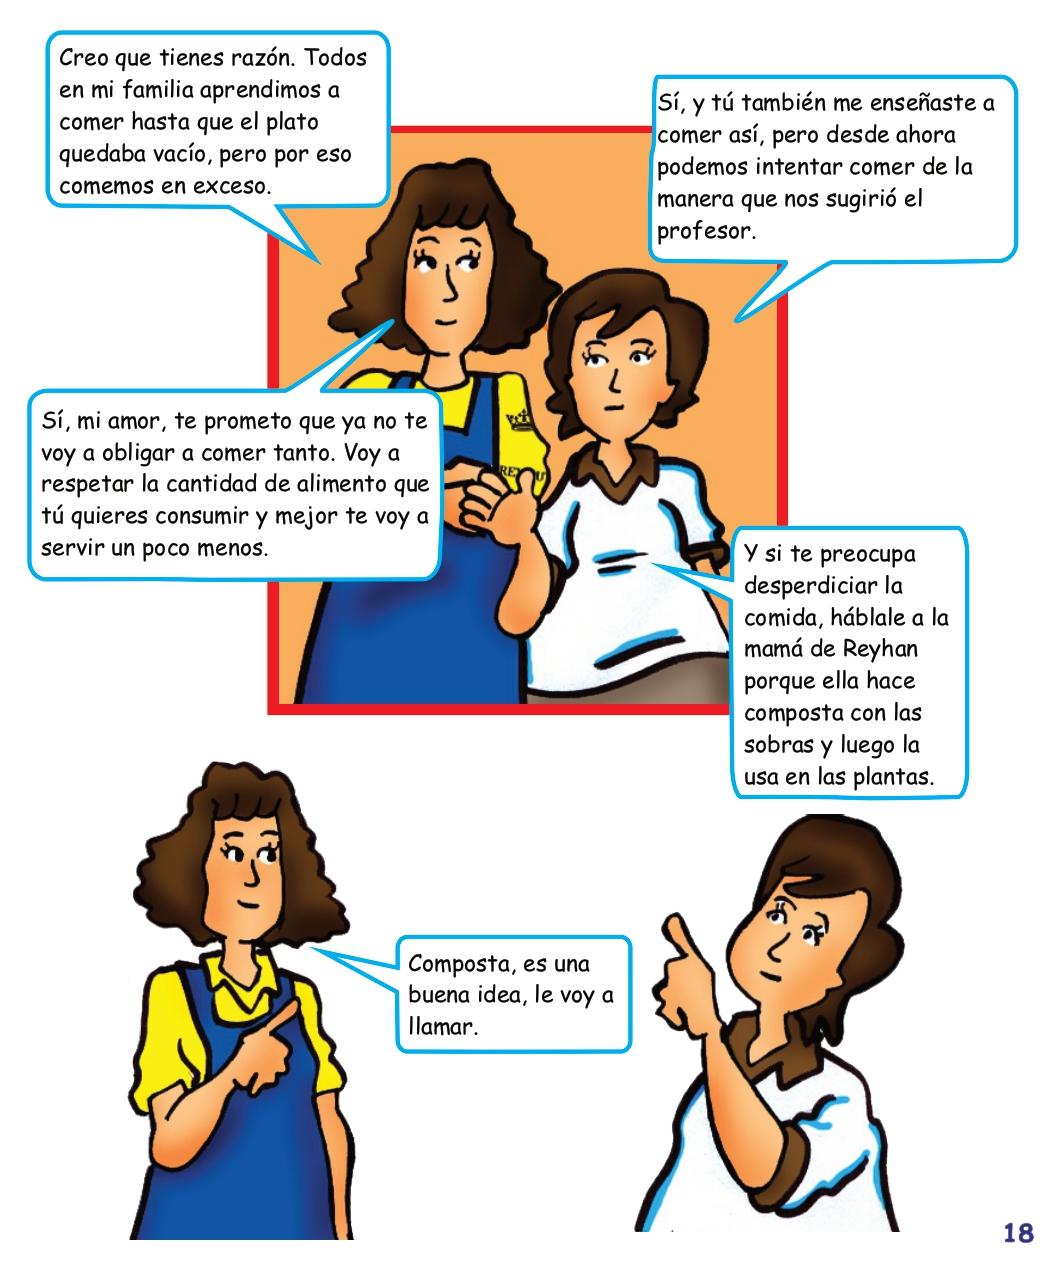 Psicología adolescentes Reyhan cap1 digital_page-0021